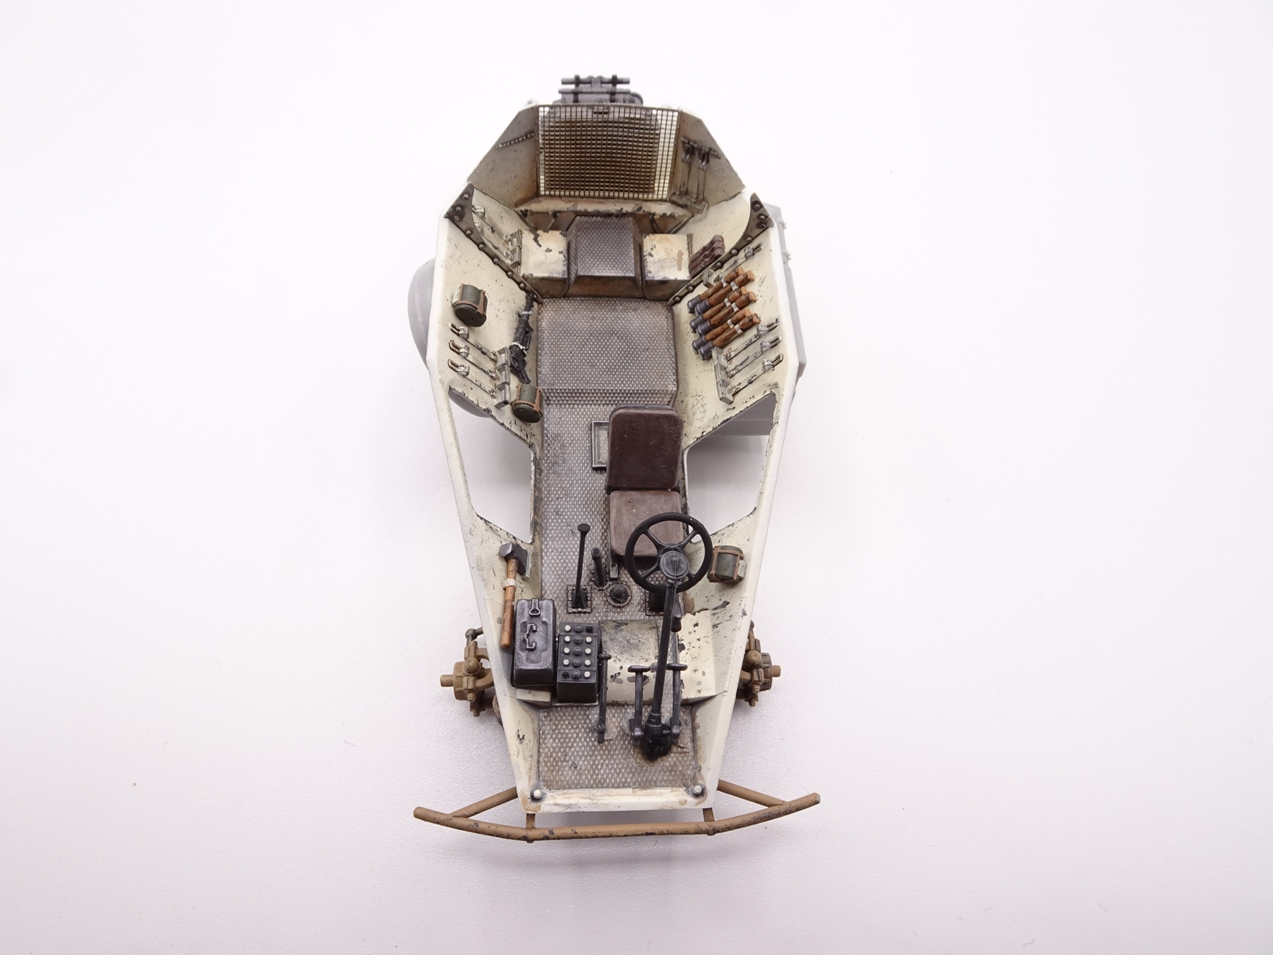 [Hobby Boss 1/35°] Sd.Kfz. 222 Leichter Panzerspähwagen - Page 2 222-0205-1